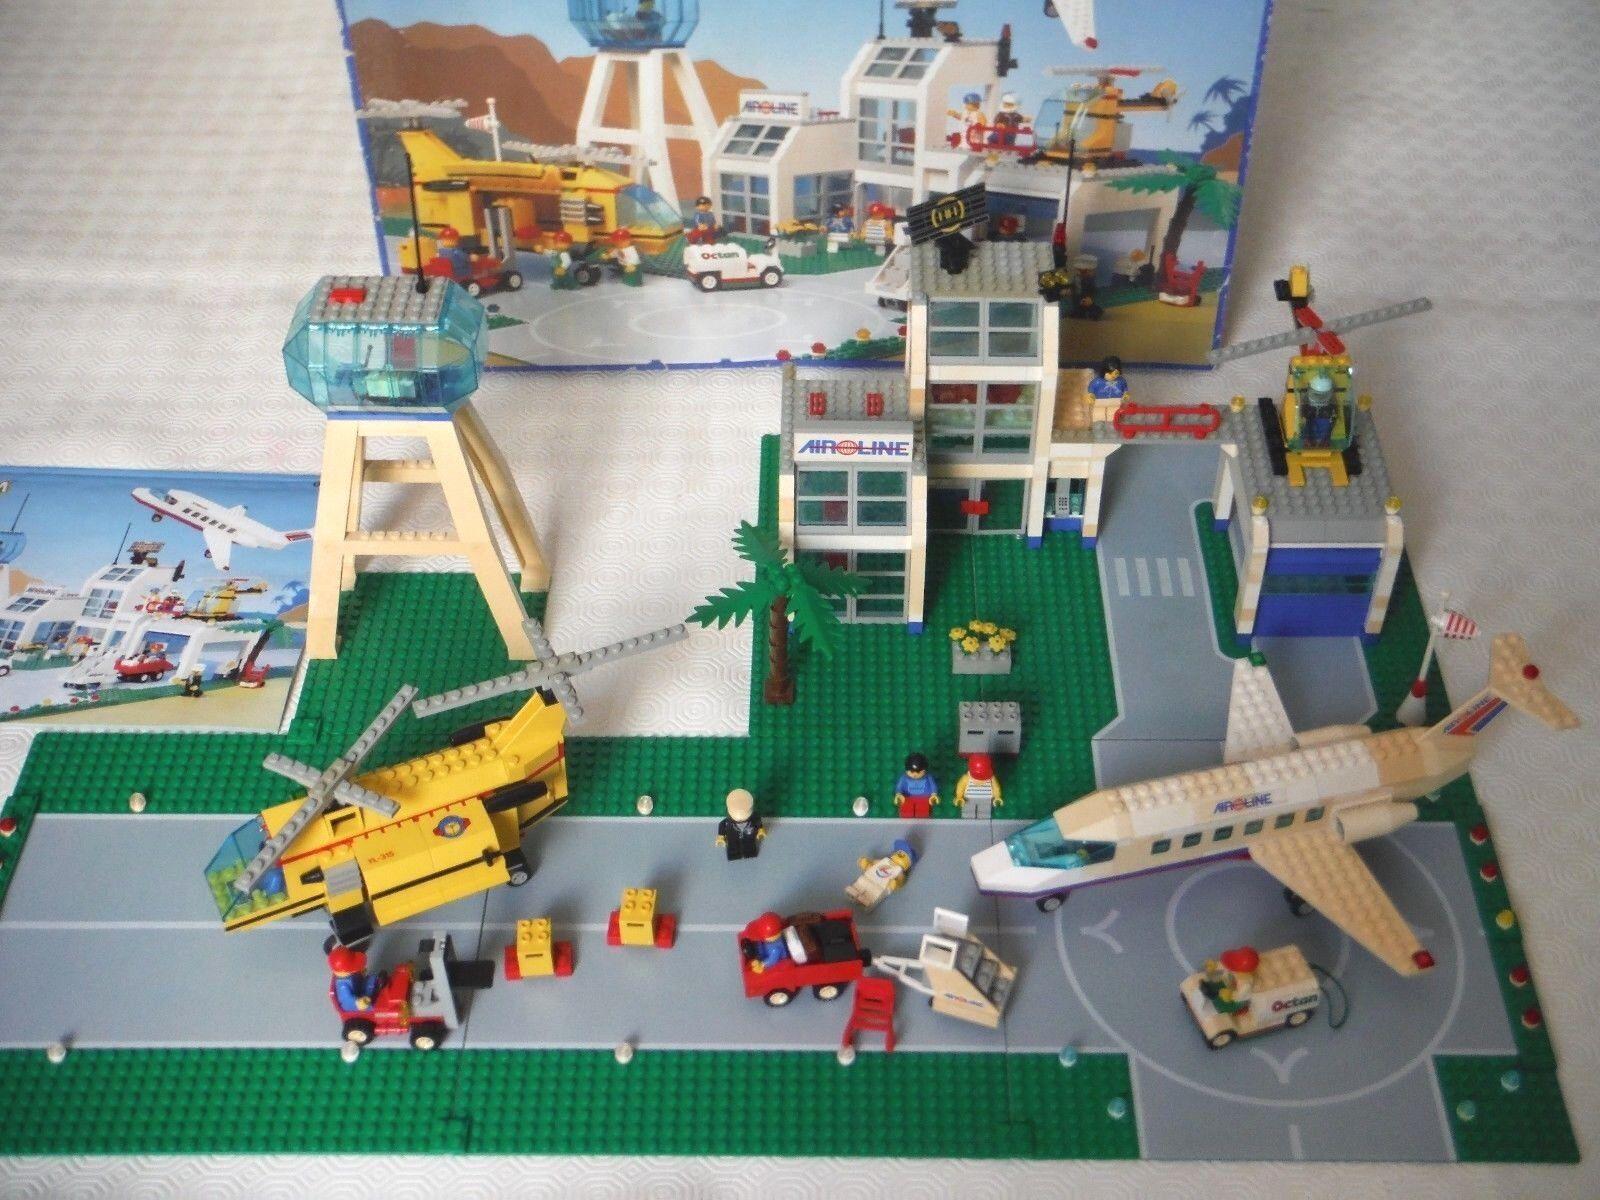 SET LEGO 6597 AEROPORTO INTERNAZIONALE - COMPLETO 100% - RARITA' ANNO 1994